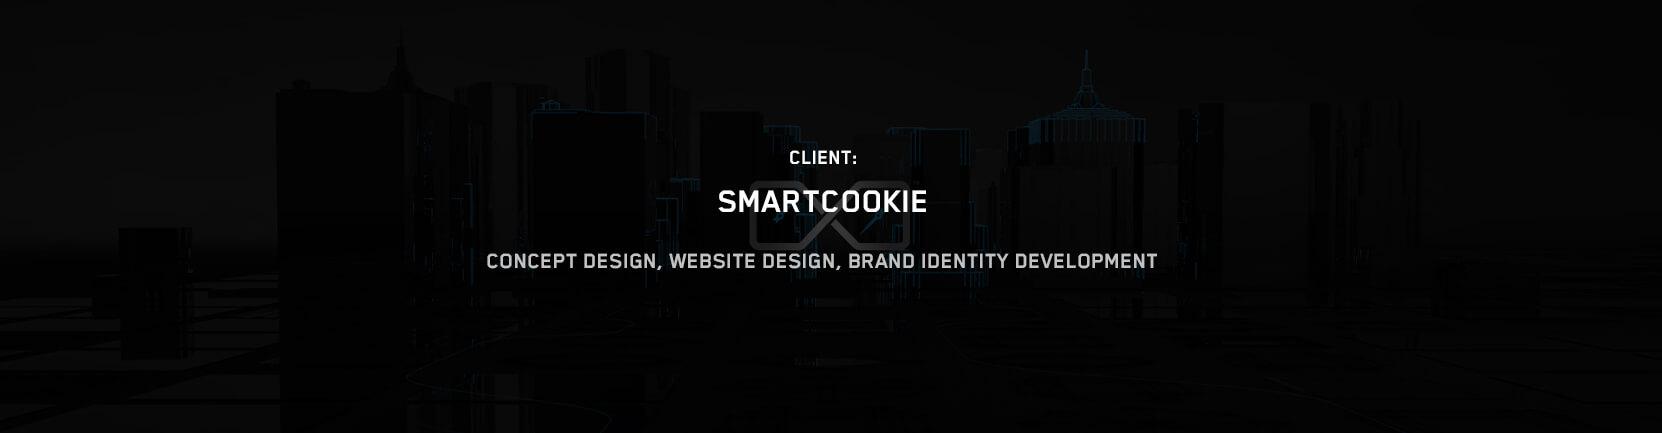 New-SmartCookie-hover2